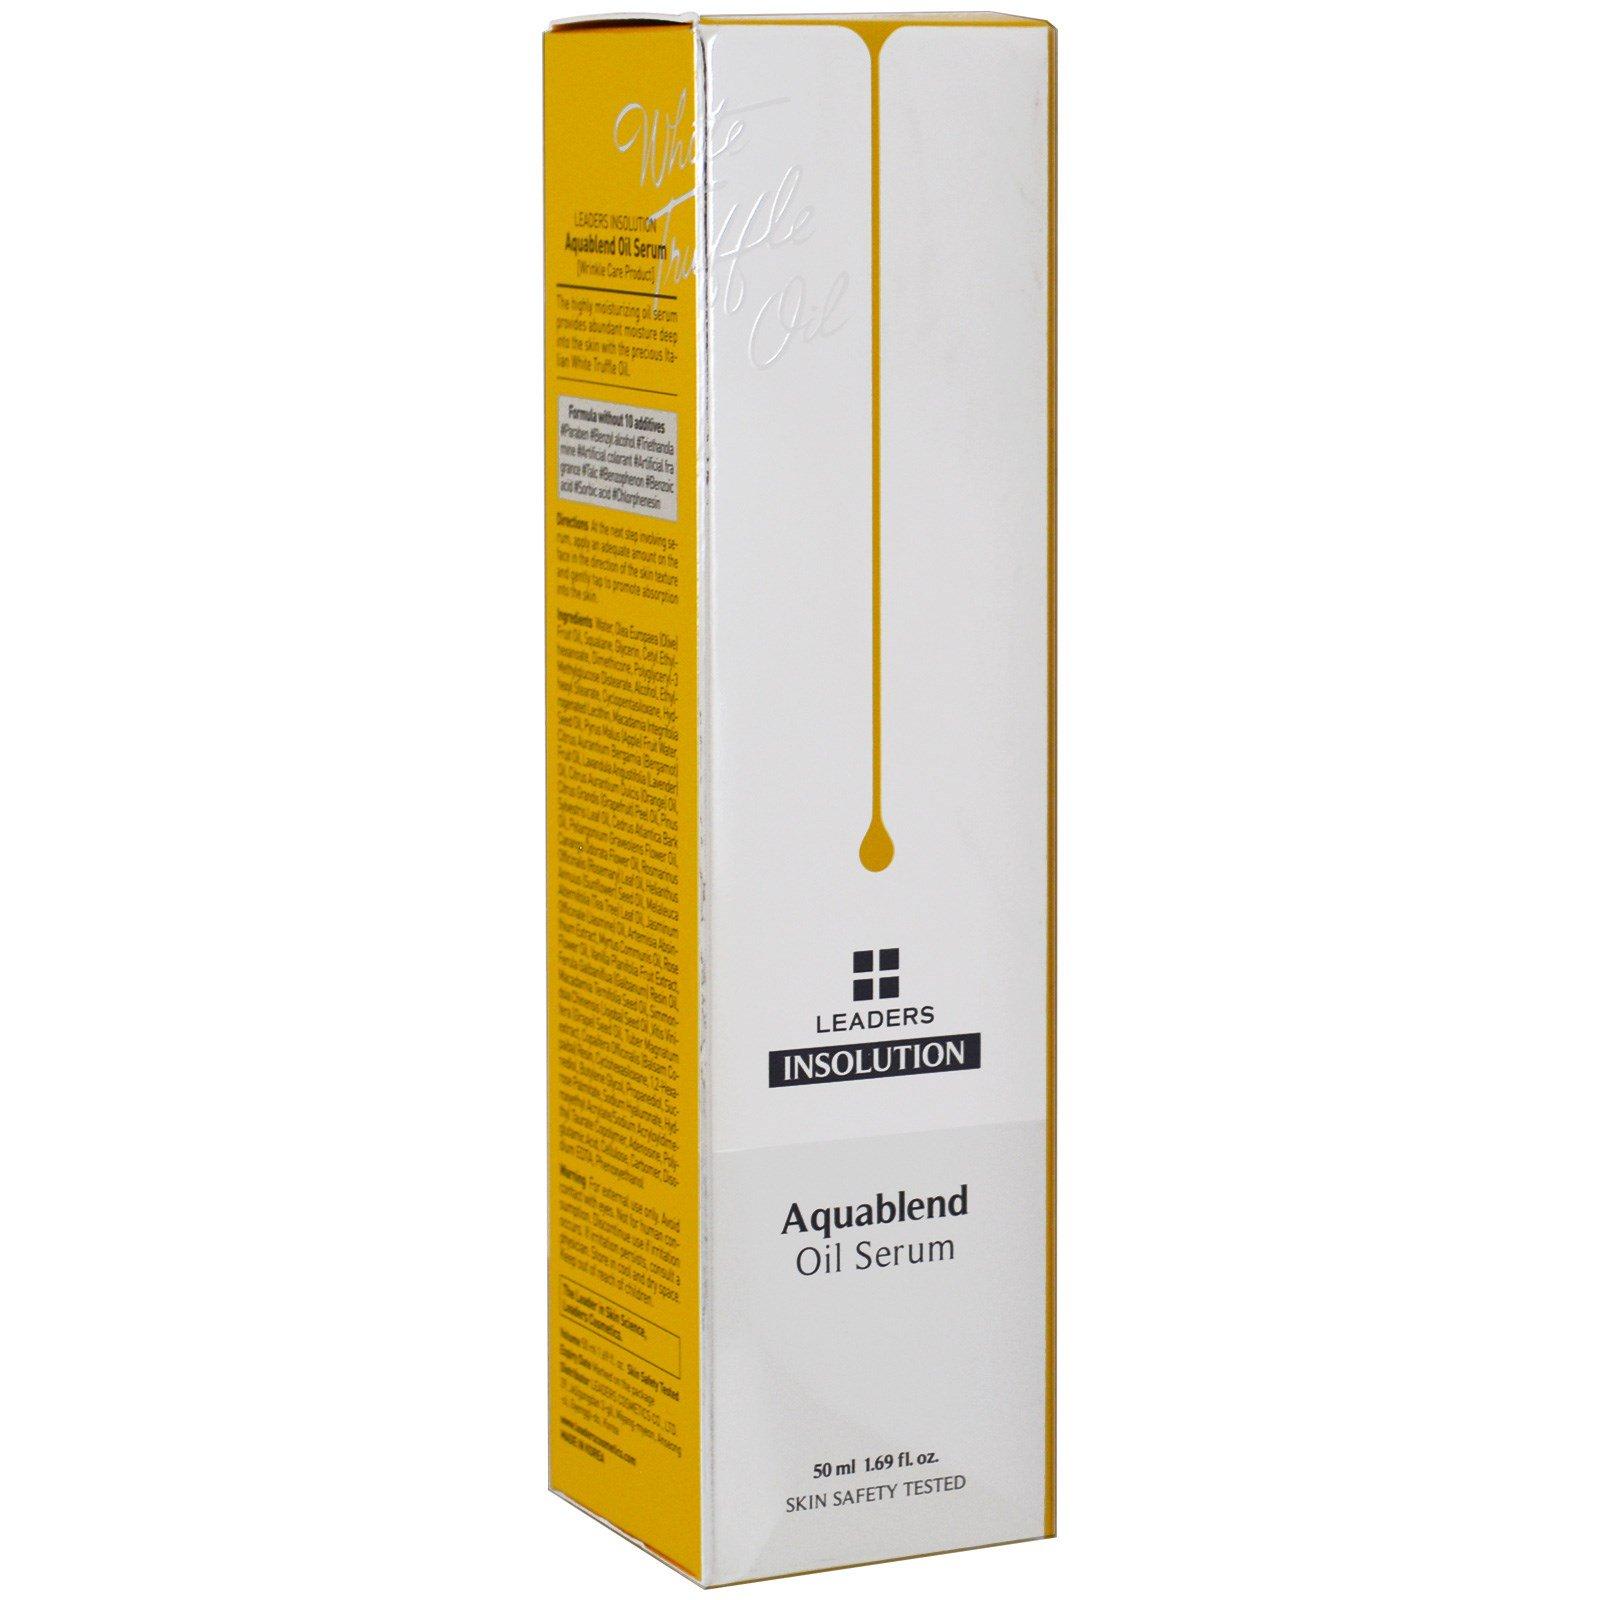 Leaders, Масло-сыворотка Aquablend, 1.69 унции (50 мл)